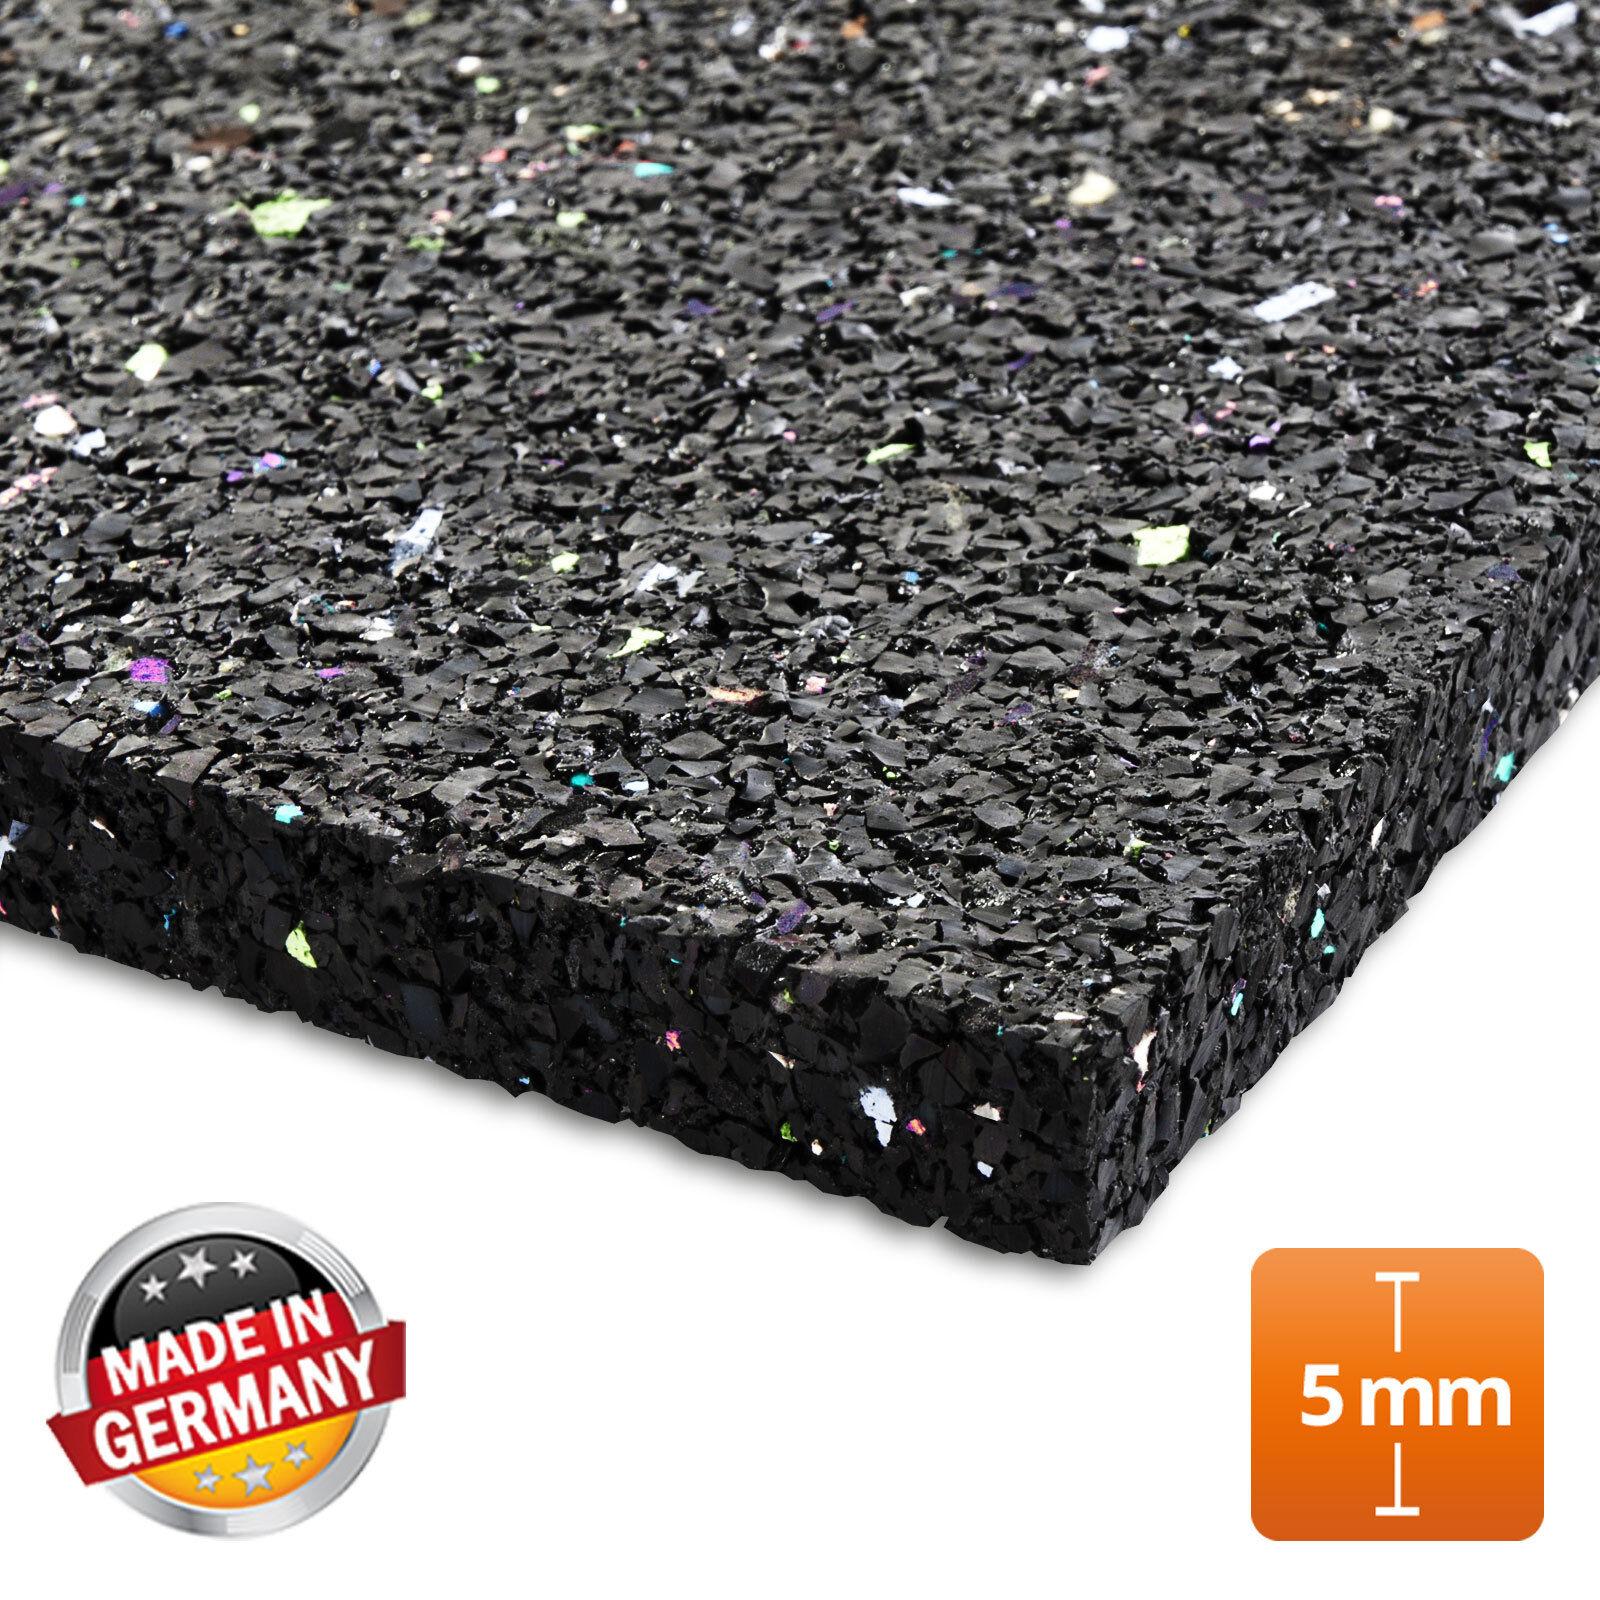 m² m² m²   5mm Bautenschutzmatte Gummimatte Gummigranulatmatten Antirutschmatte 96b87a